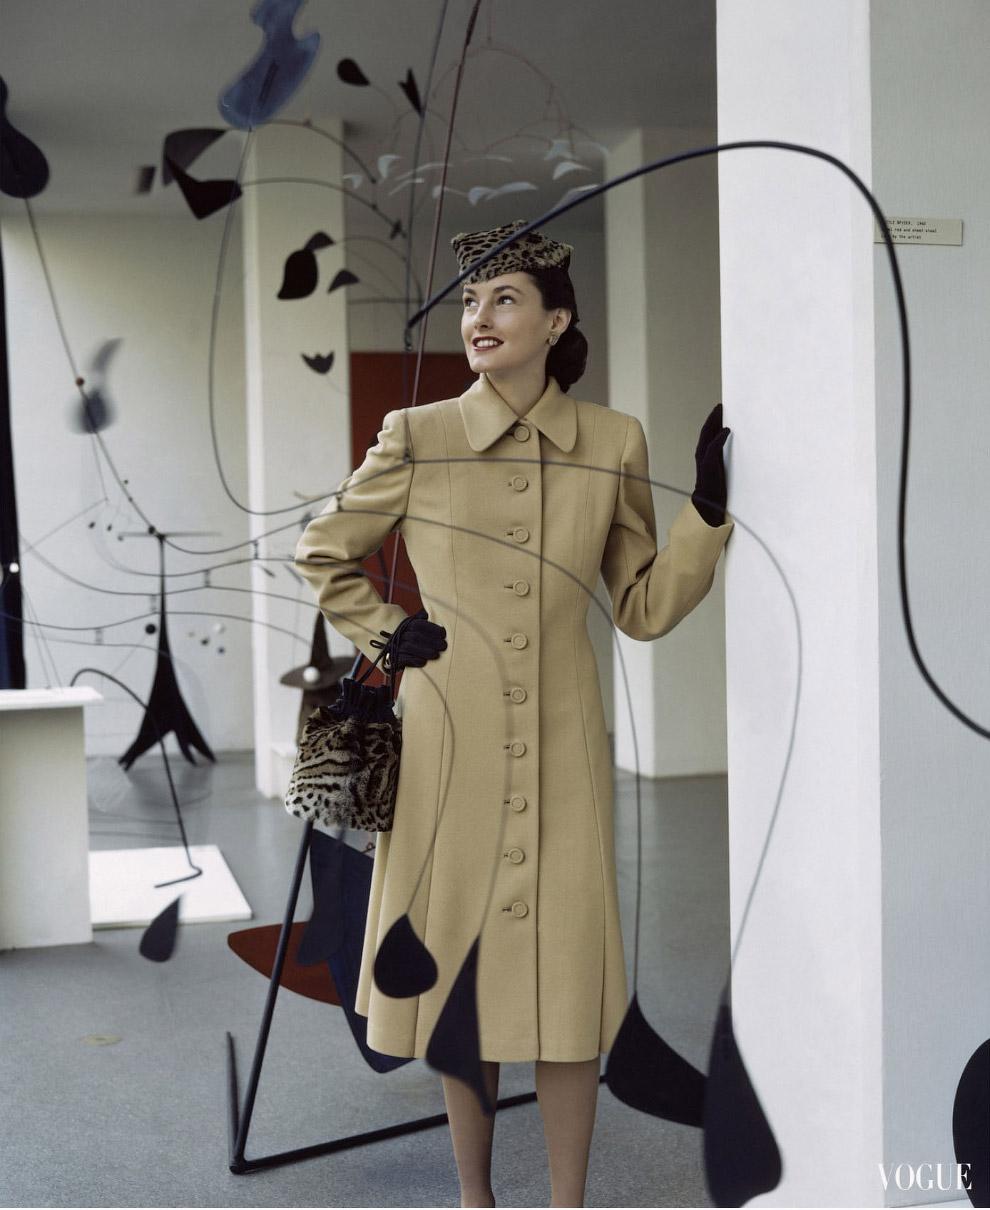 Джелис Дениэлс в шерстяном пальто и в окружении мобилей Алексанра Колдера. Фото Джон Роулингс, 1944 год.